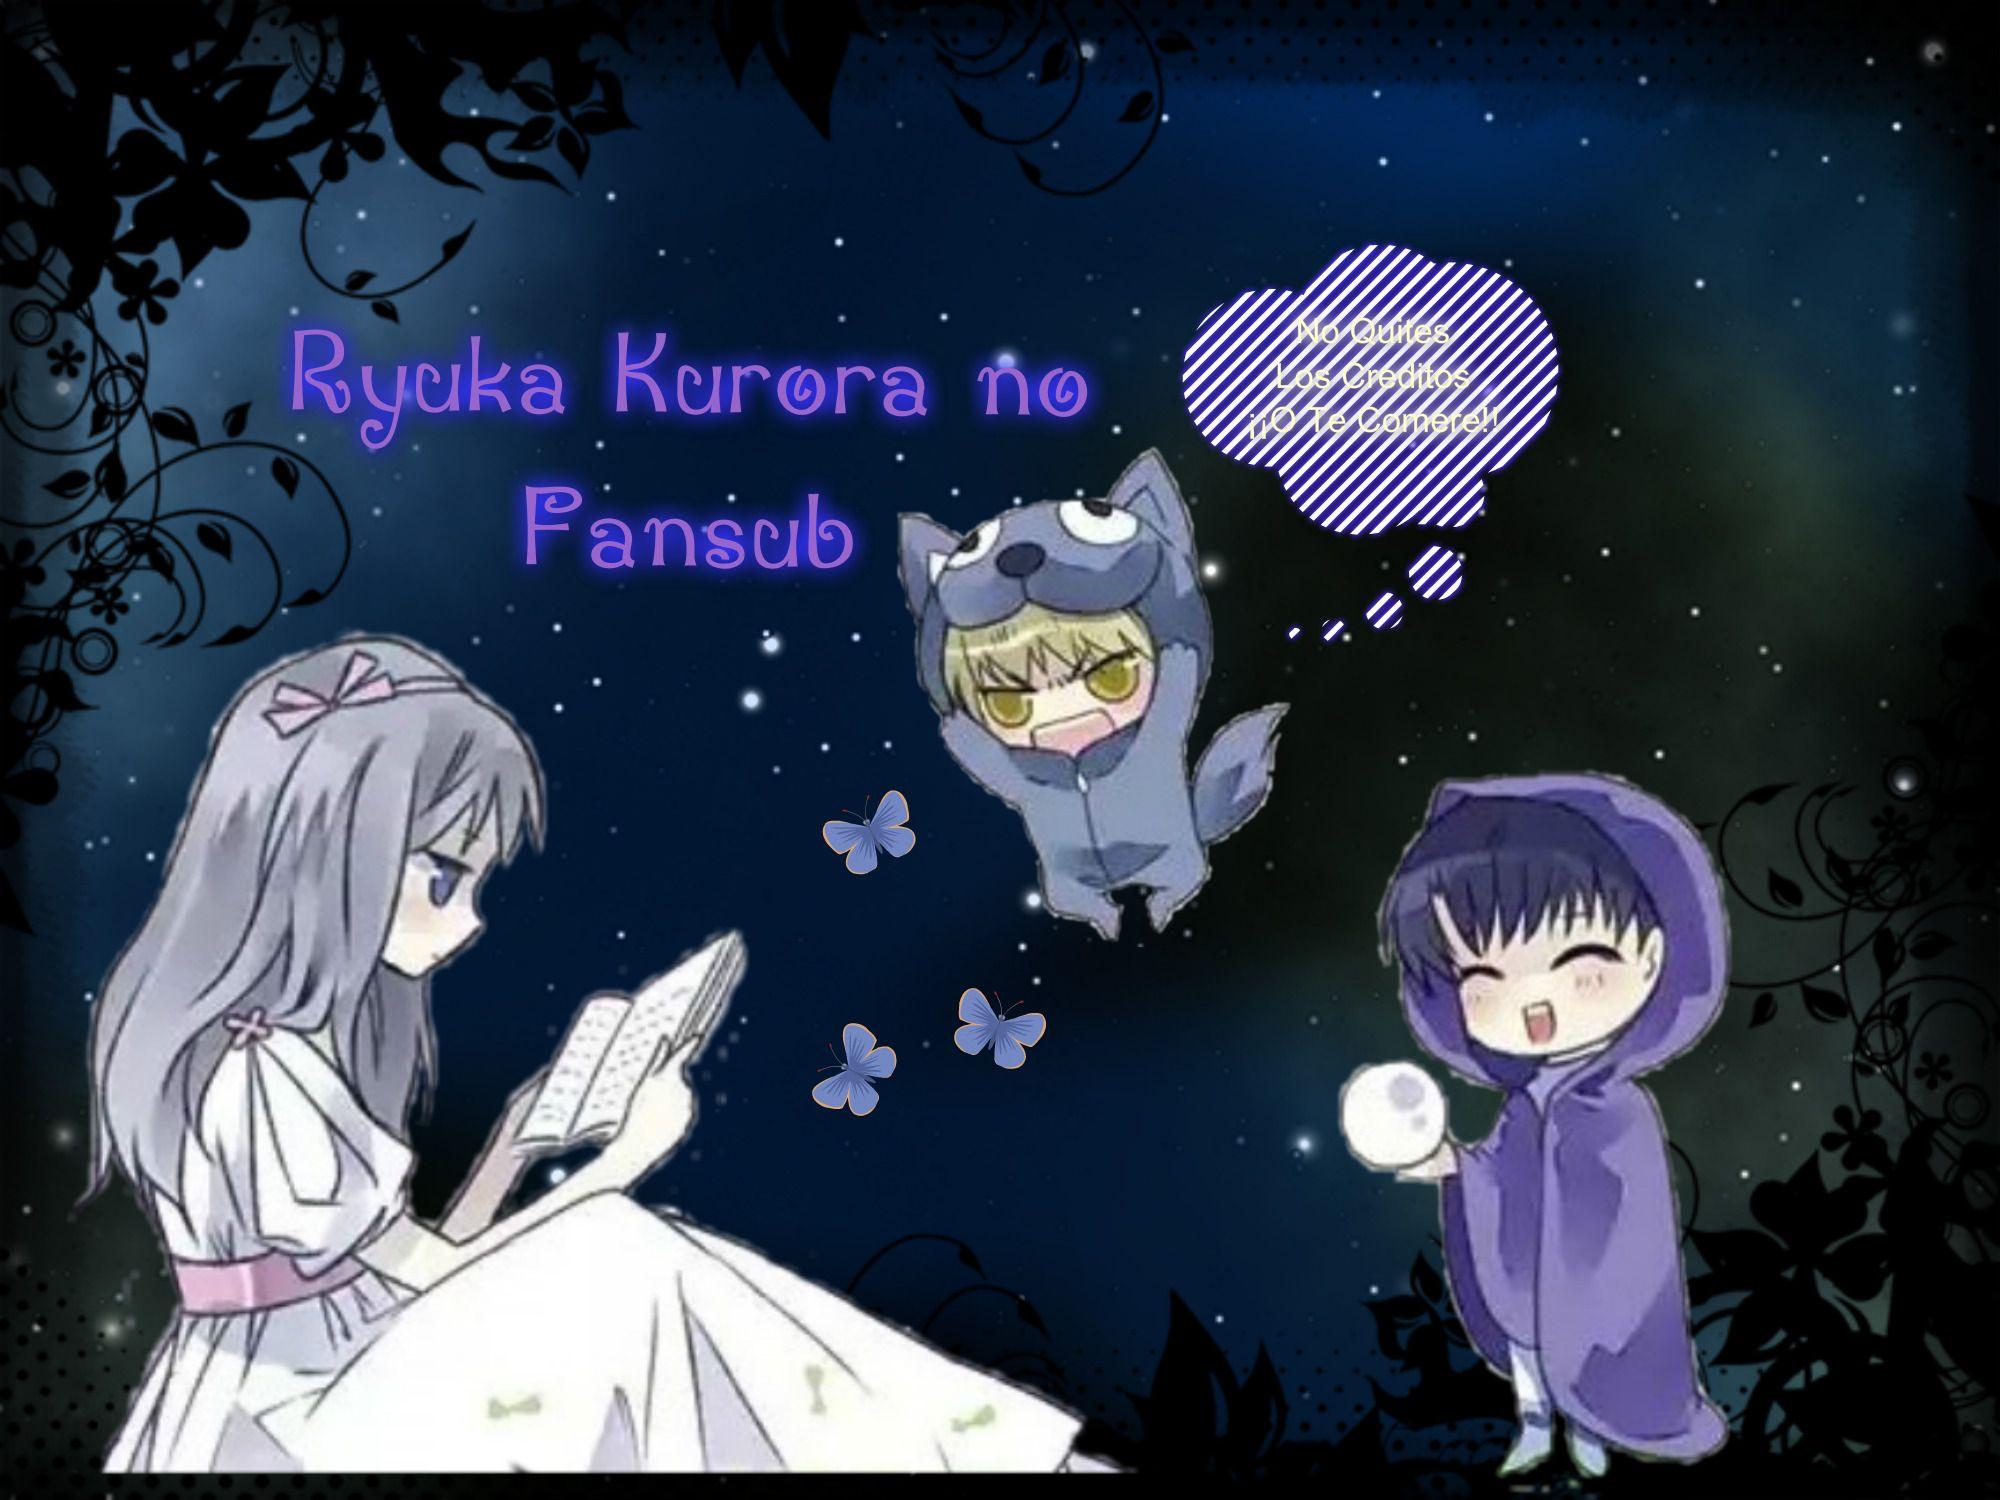 http://c5.ninemanga.com/es_manga/4/836/454381/07fd3b1a7a723b5c40e5db1ea69930f9.jpg Page 1